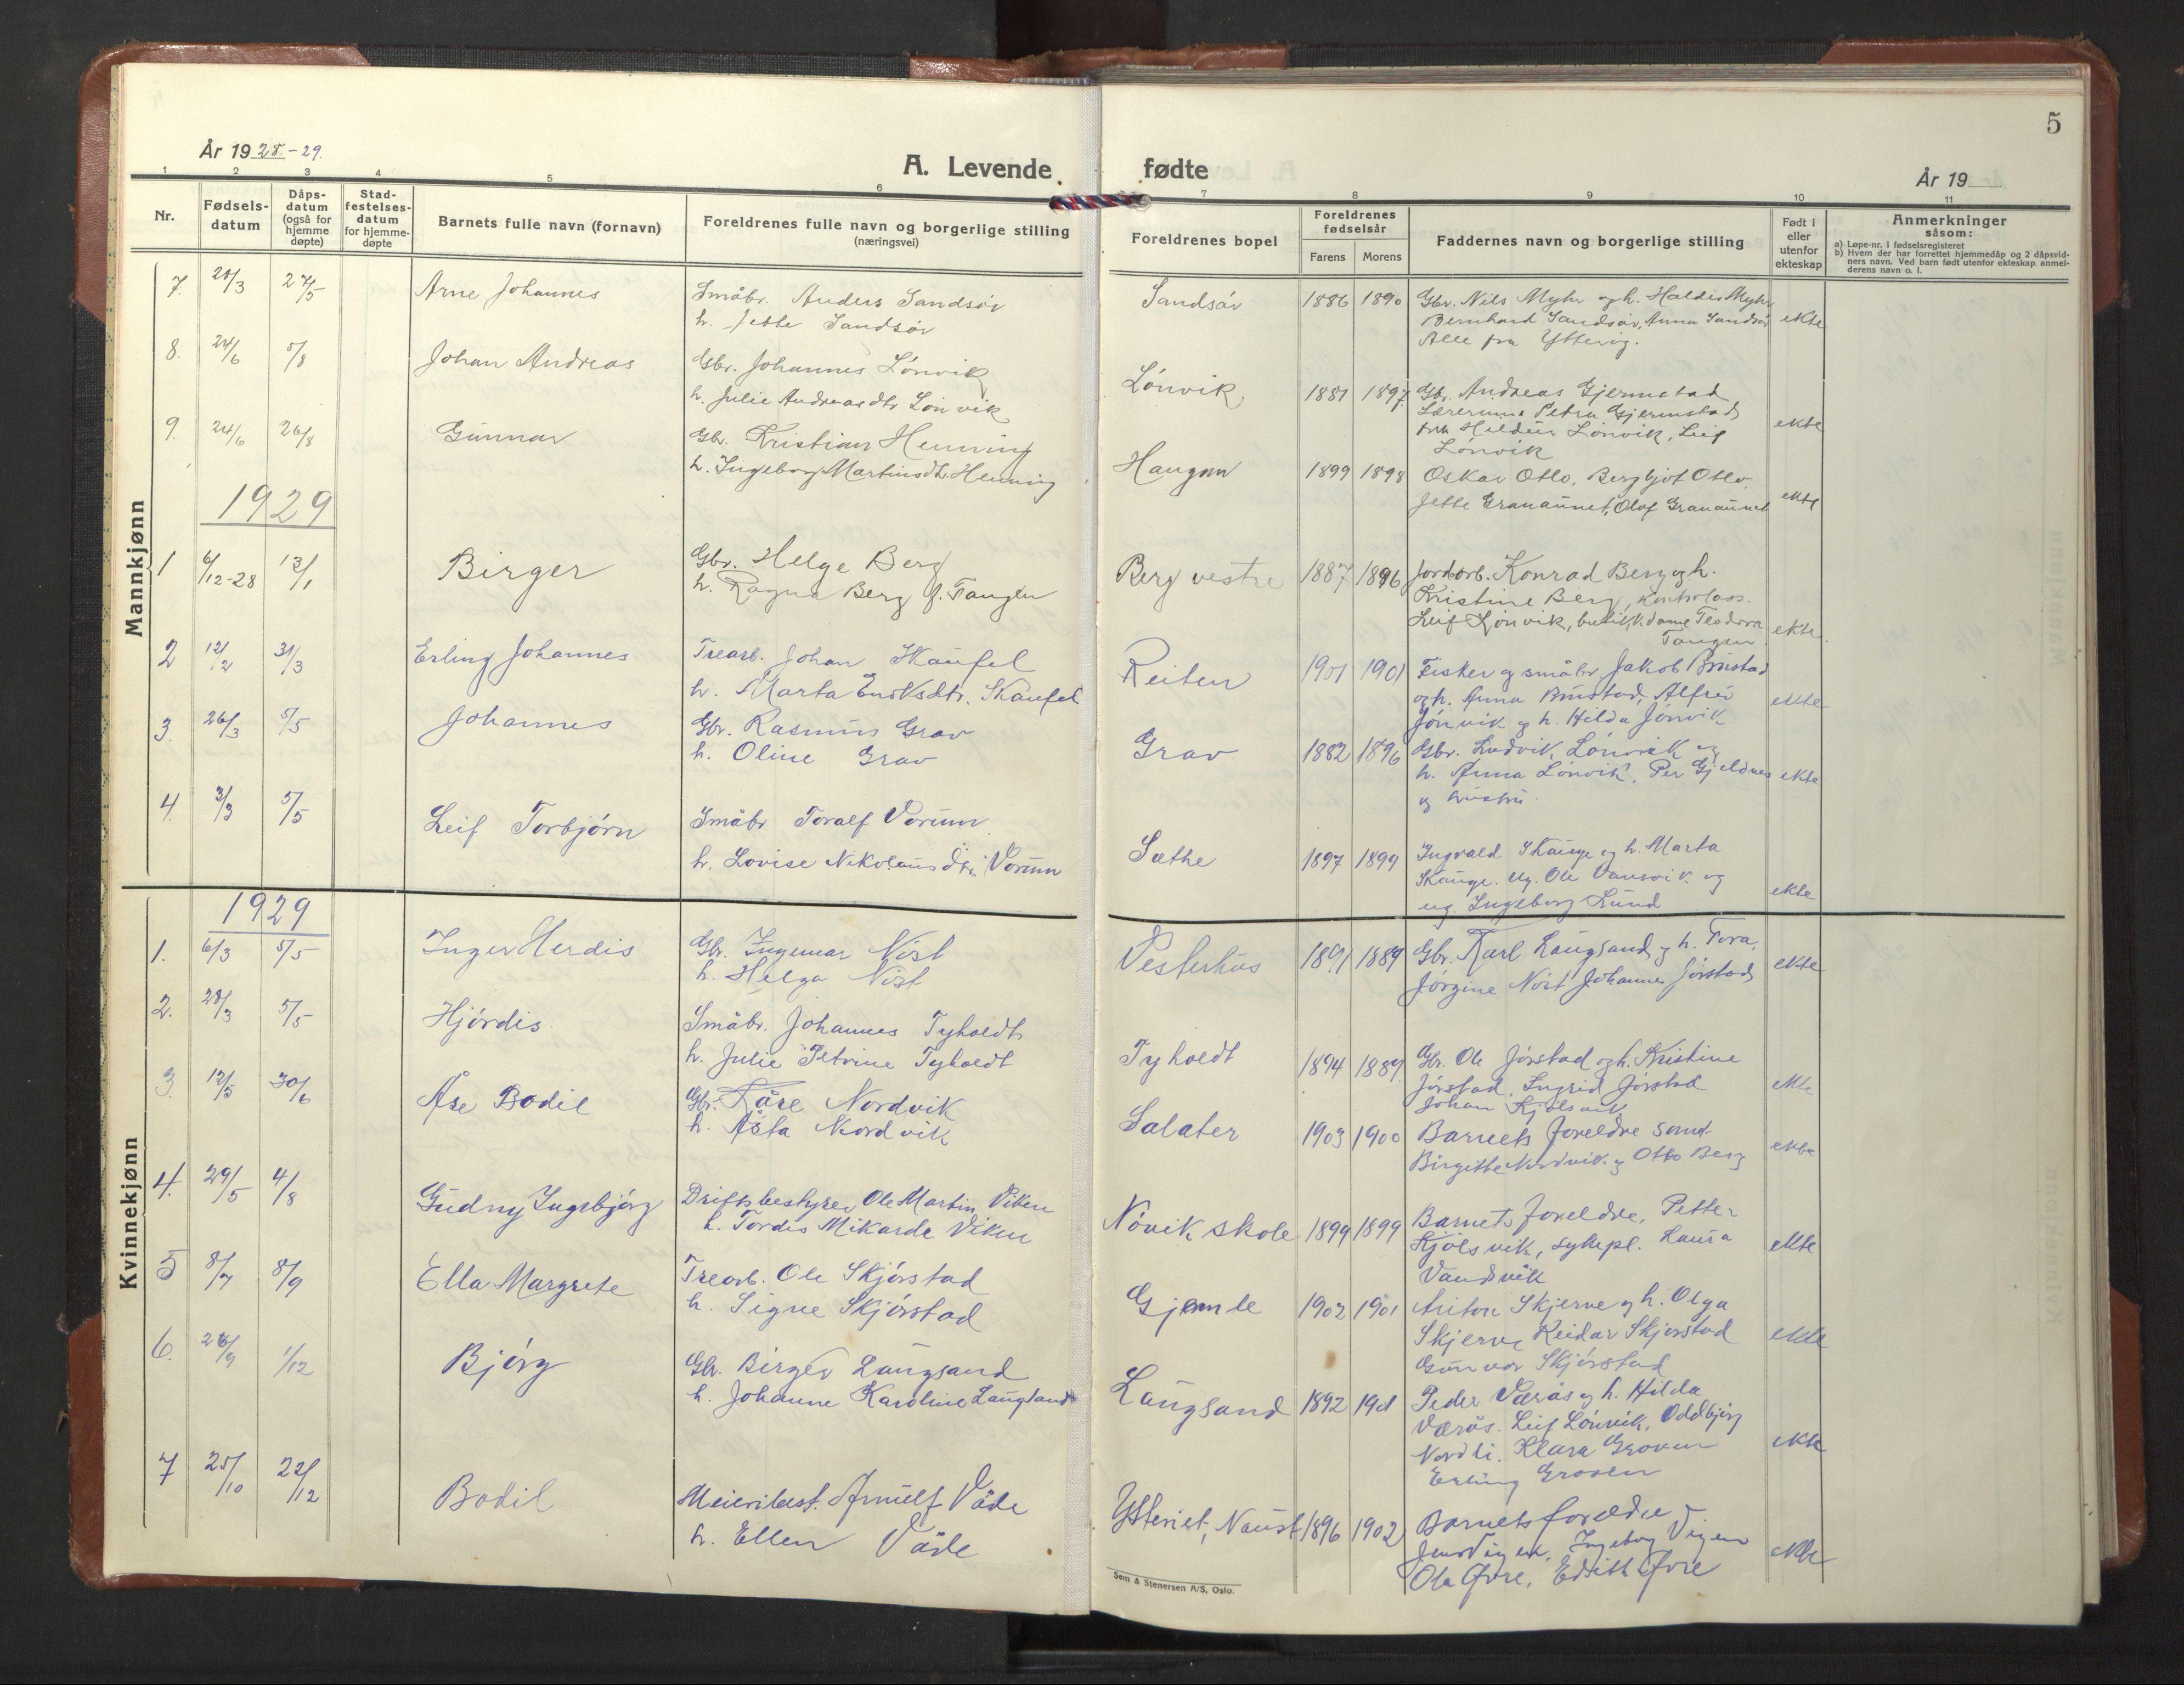 SAT, Ministerialprotokoller, klokkerbøker og fødselsregistre - Nord-Trøndelag, 722/L0227: Klokkerbok nr. 722C03, 1928-1958, s. 5